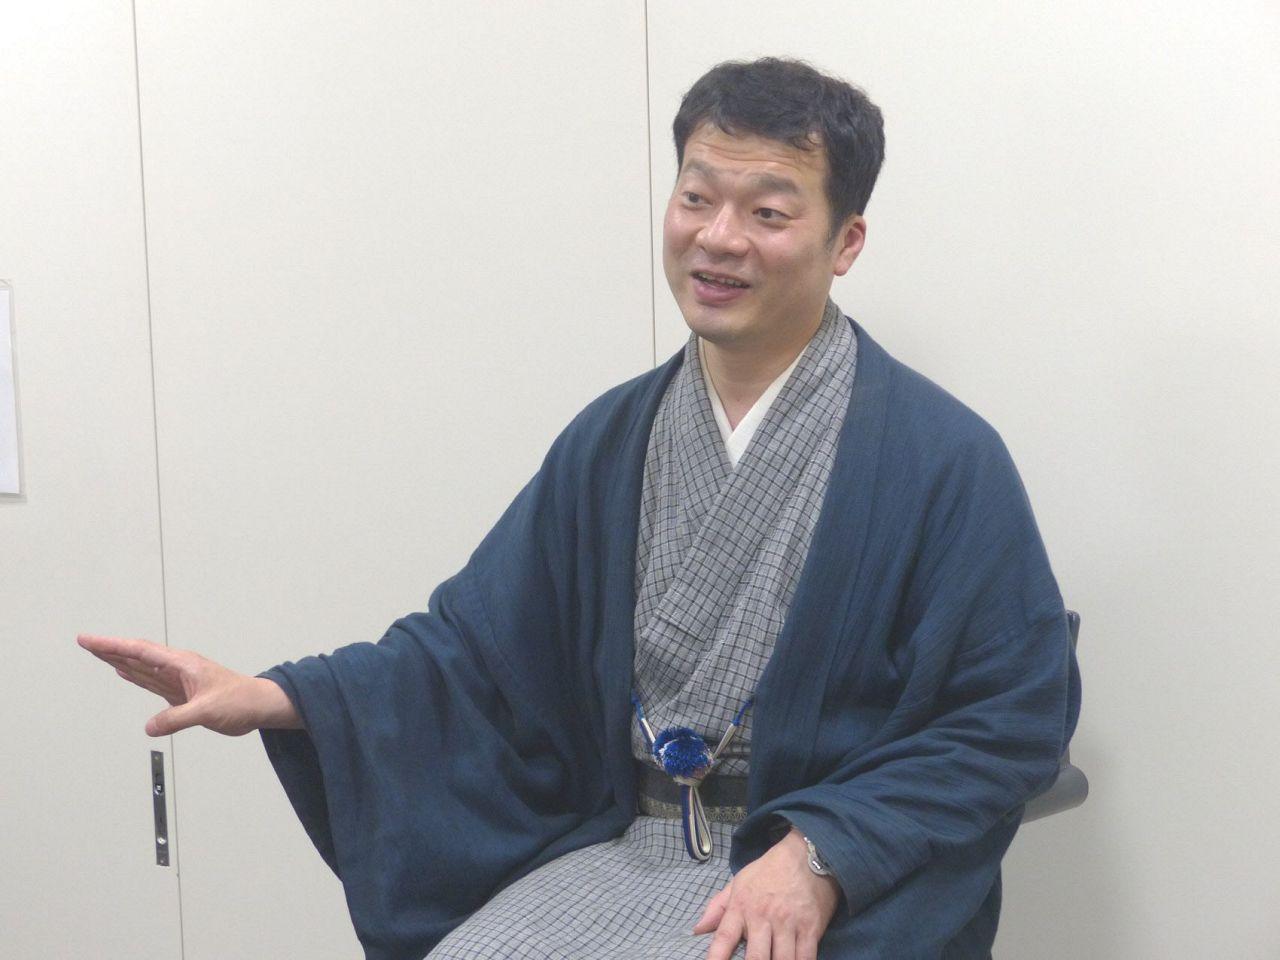 かわぐちかいじさん長男の能楽師・川口晃平、VR能「攻殻機動隊」に手応え(中日スポーツ) - Yahoo!ニュース